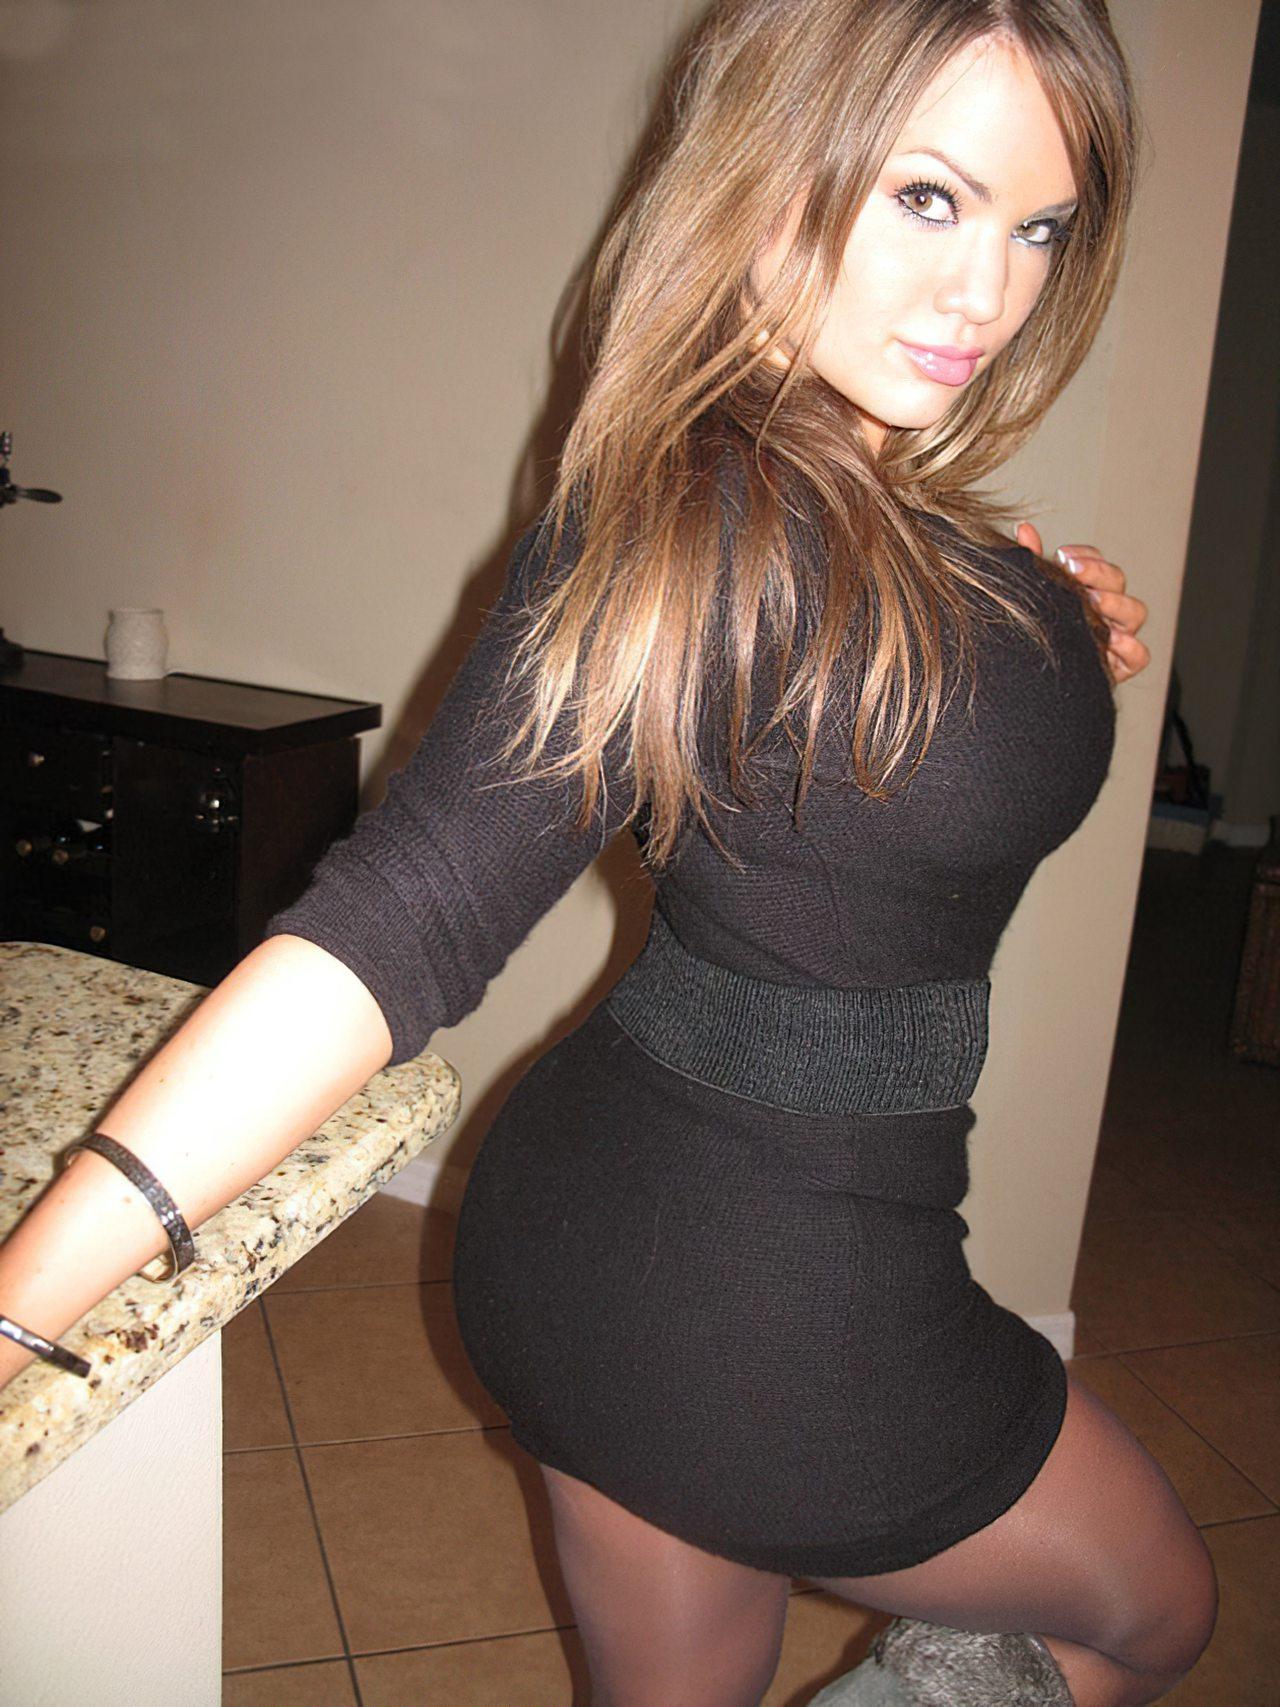 Namorada Safadinha (9)